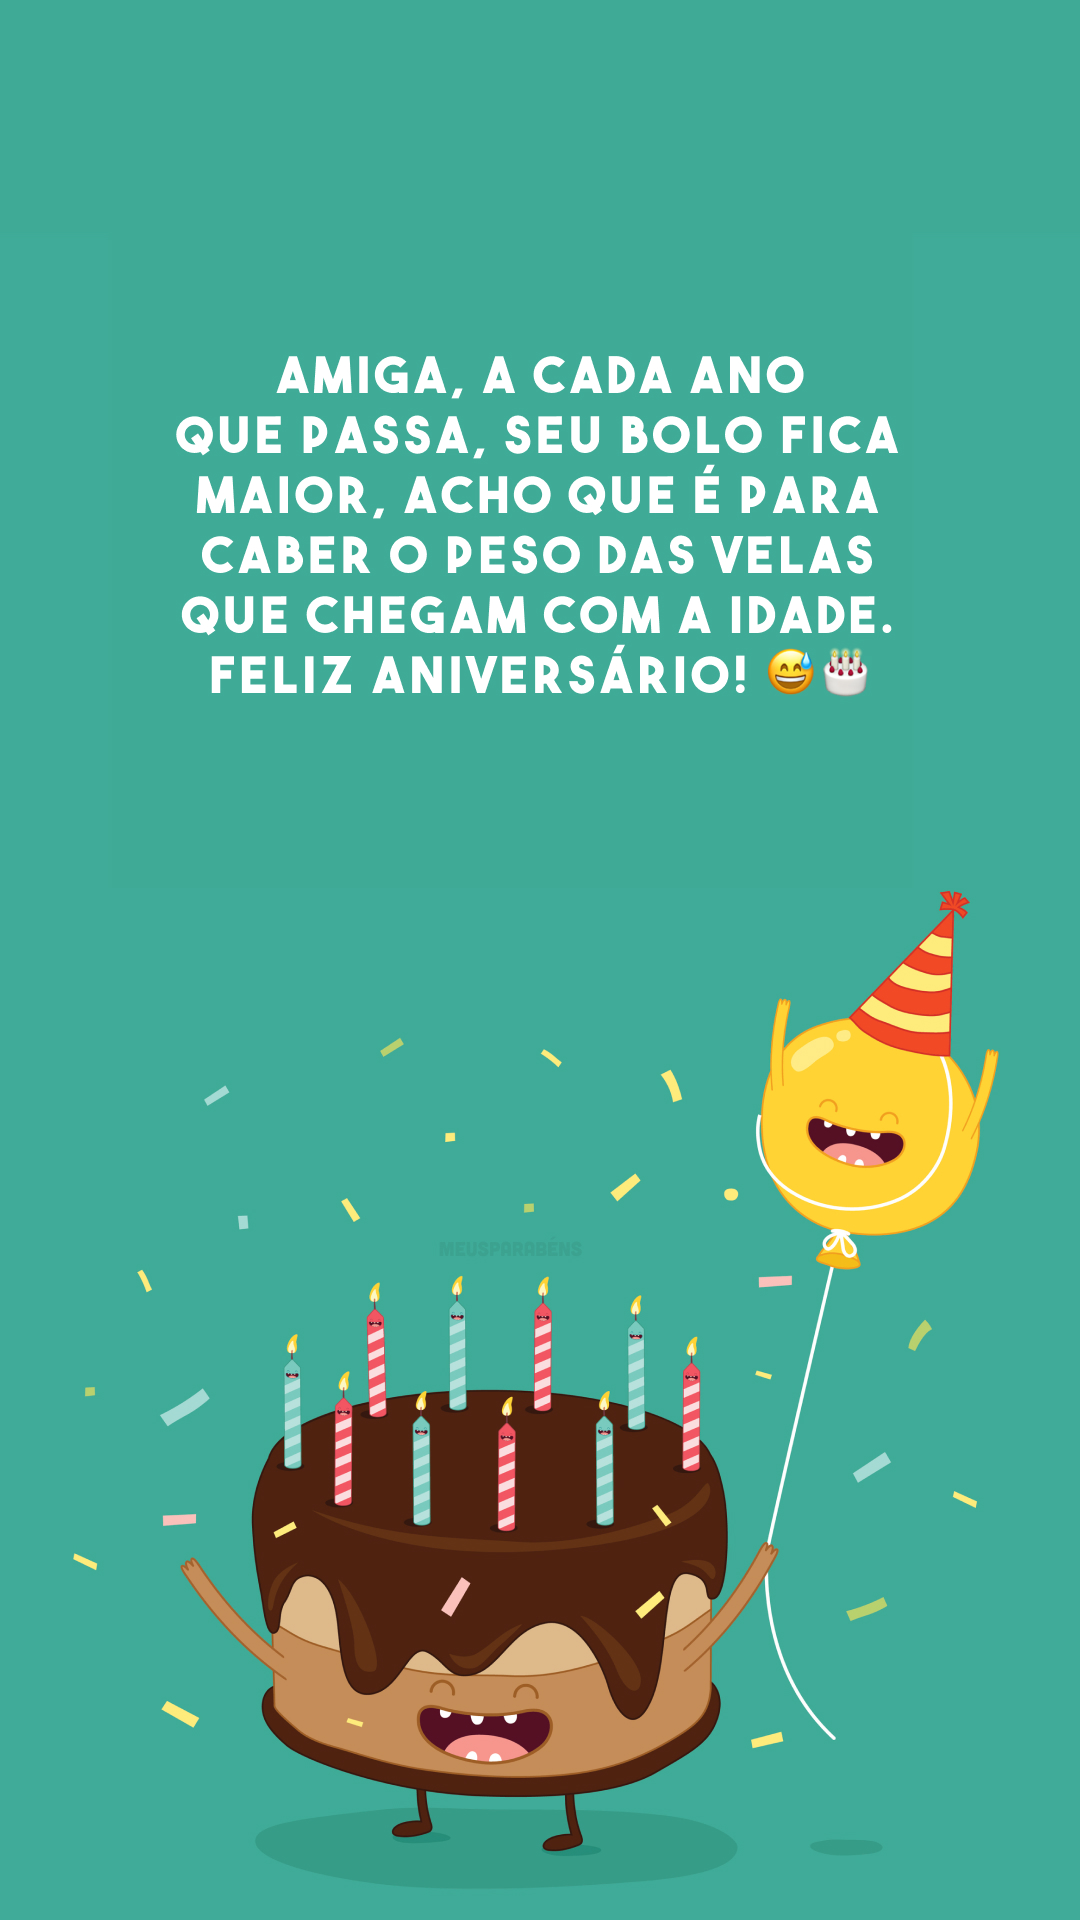 Amiga, a cada ano que passa, seu bolo fica maior, acho que é para caber o peso das velas que chegam com a idade. Feliz aniversário! 😅🎂